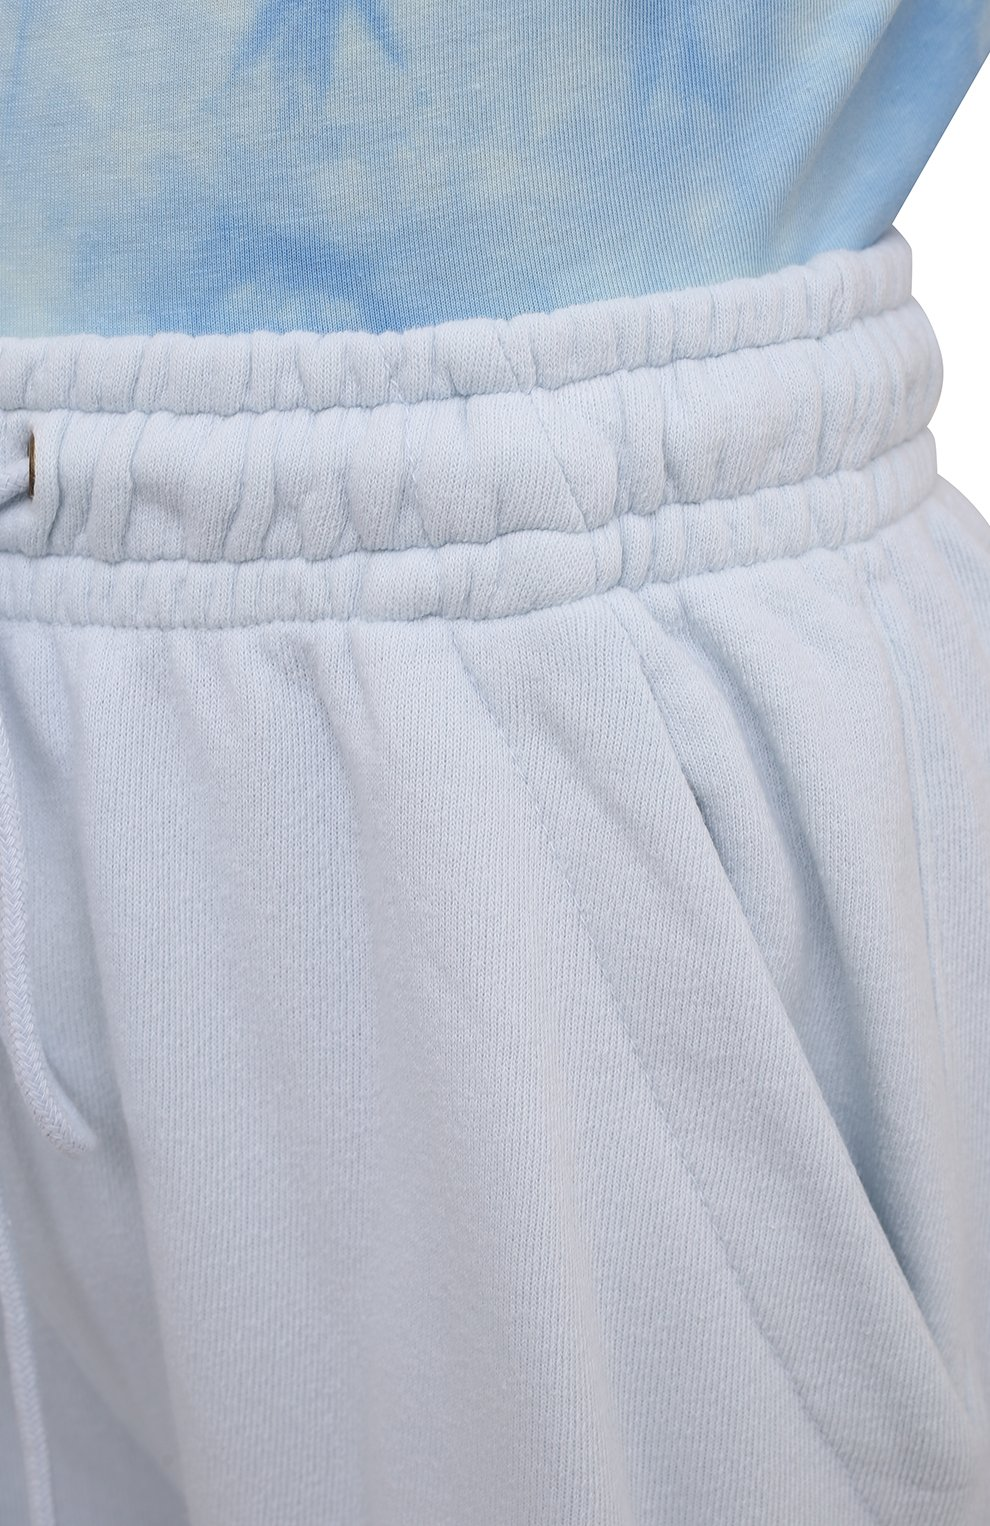 Женские хлопковые шорты CITIZENS OF HUMANITY светло-голубого цвета, арт. 1947   Фото 5 (Женское Кросс-КТ: Шорты-одежда; Длина Ж (юбки, платья, шорты): Мини; Кросс-КТ: Трикотаж; Материал внешний: Хлопок; Стили: Спорт-шик)